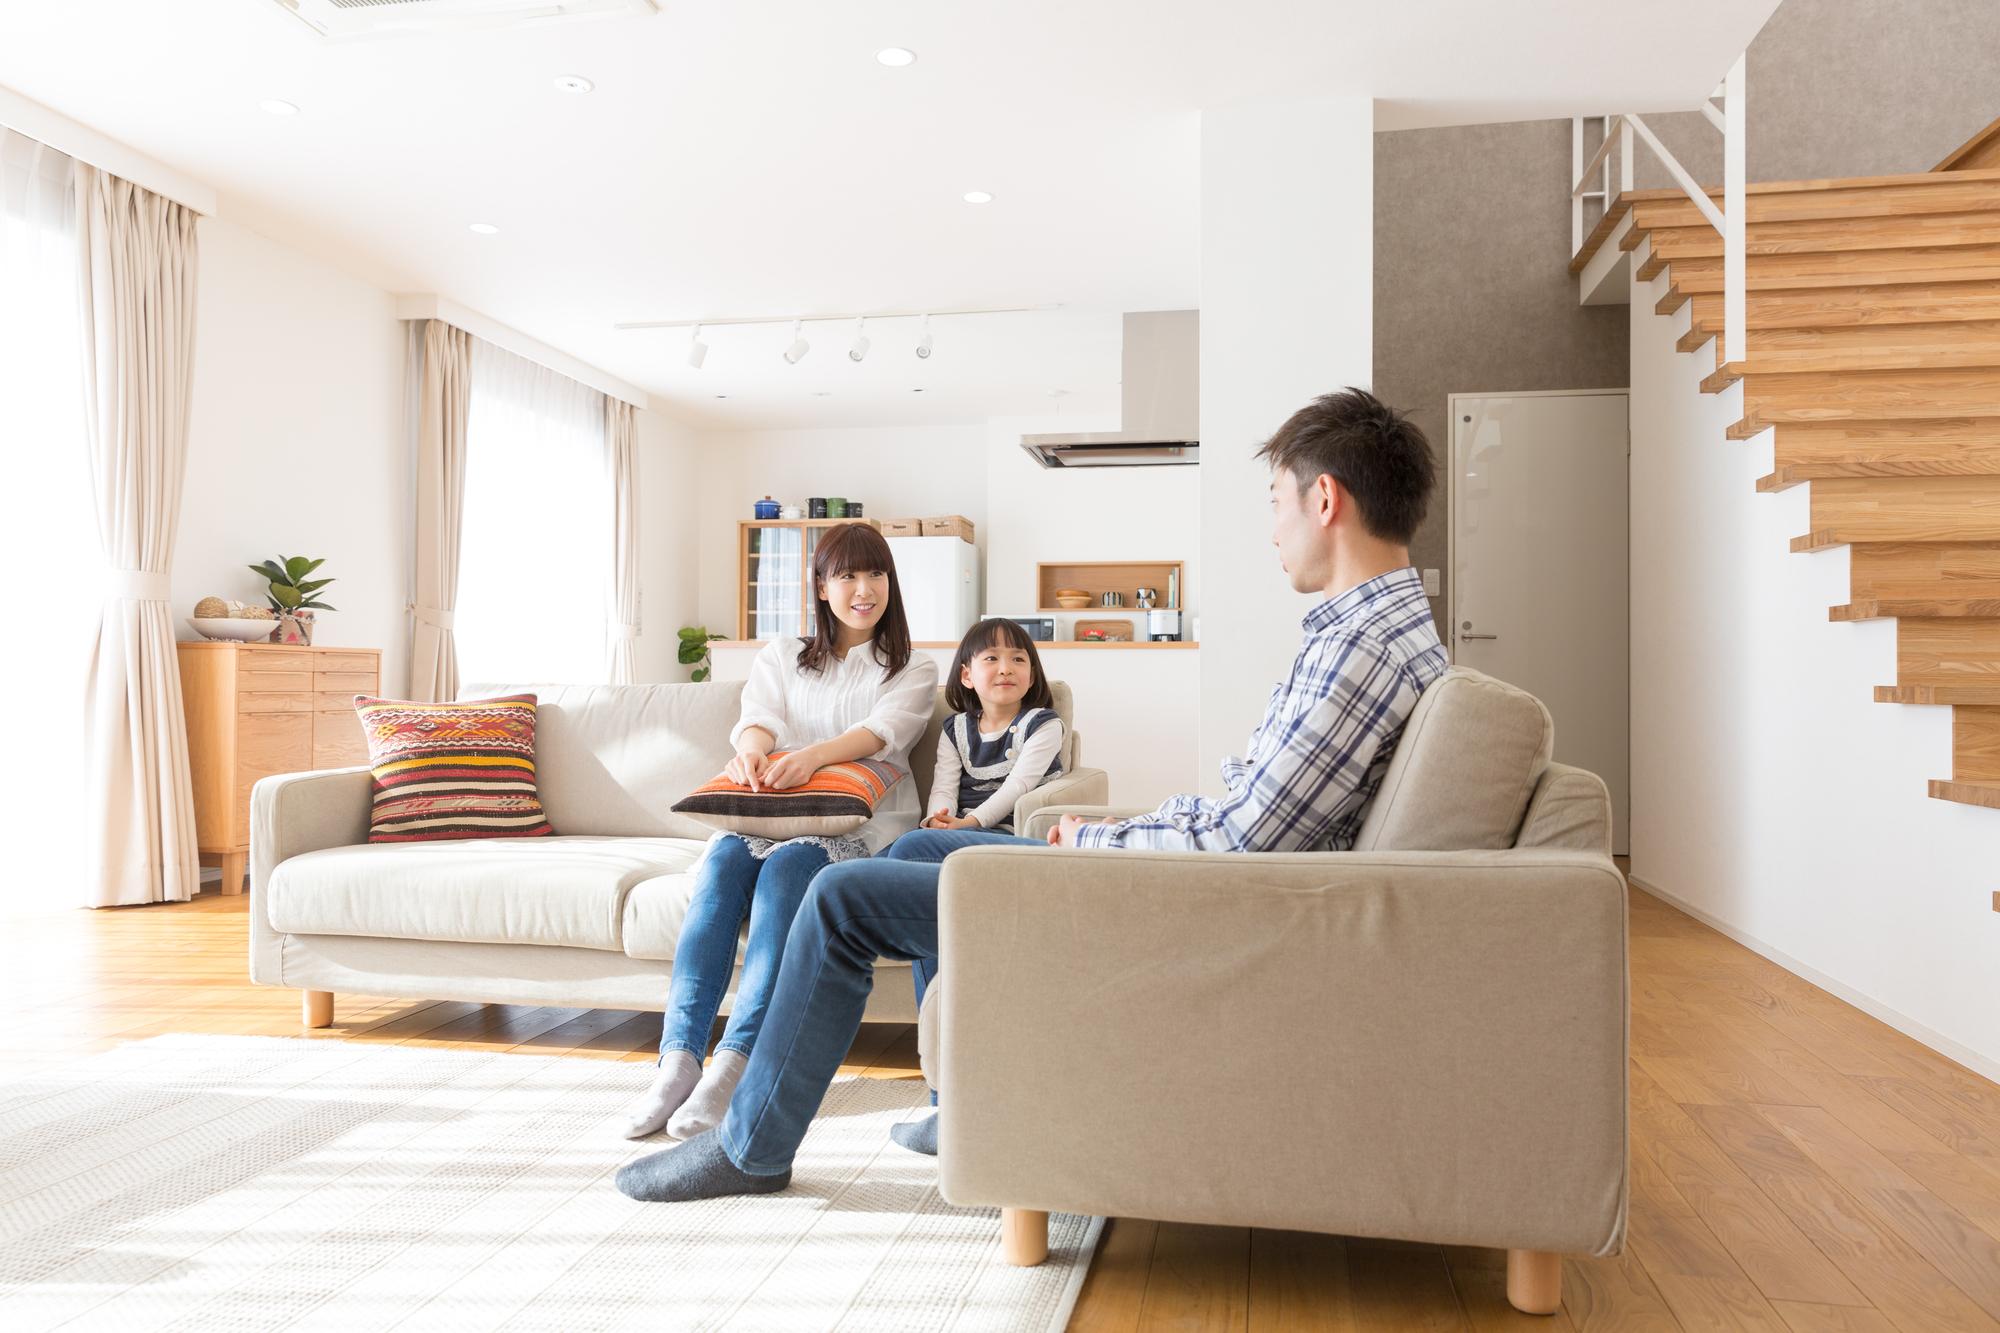 サブスクライフのおしゃれ家具でくつろぐ家族